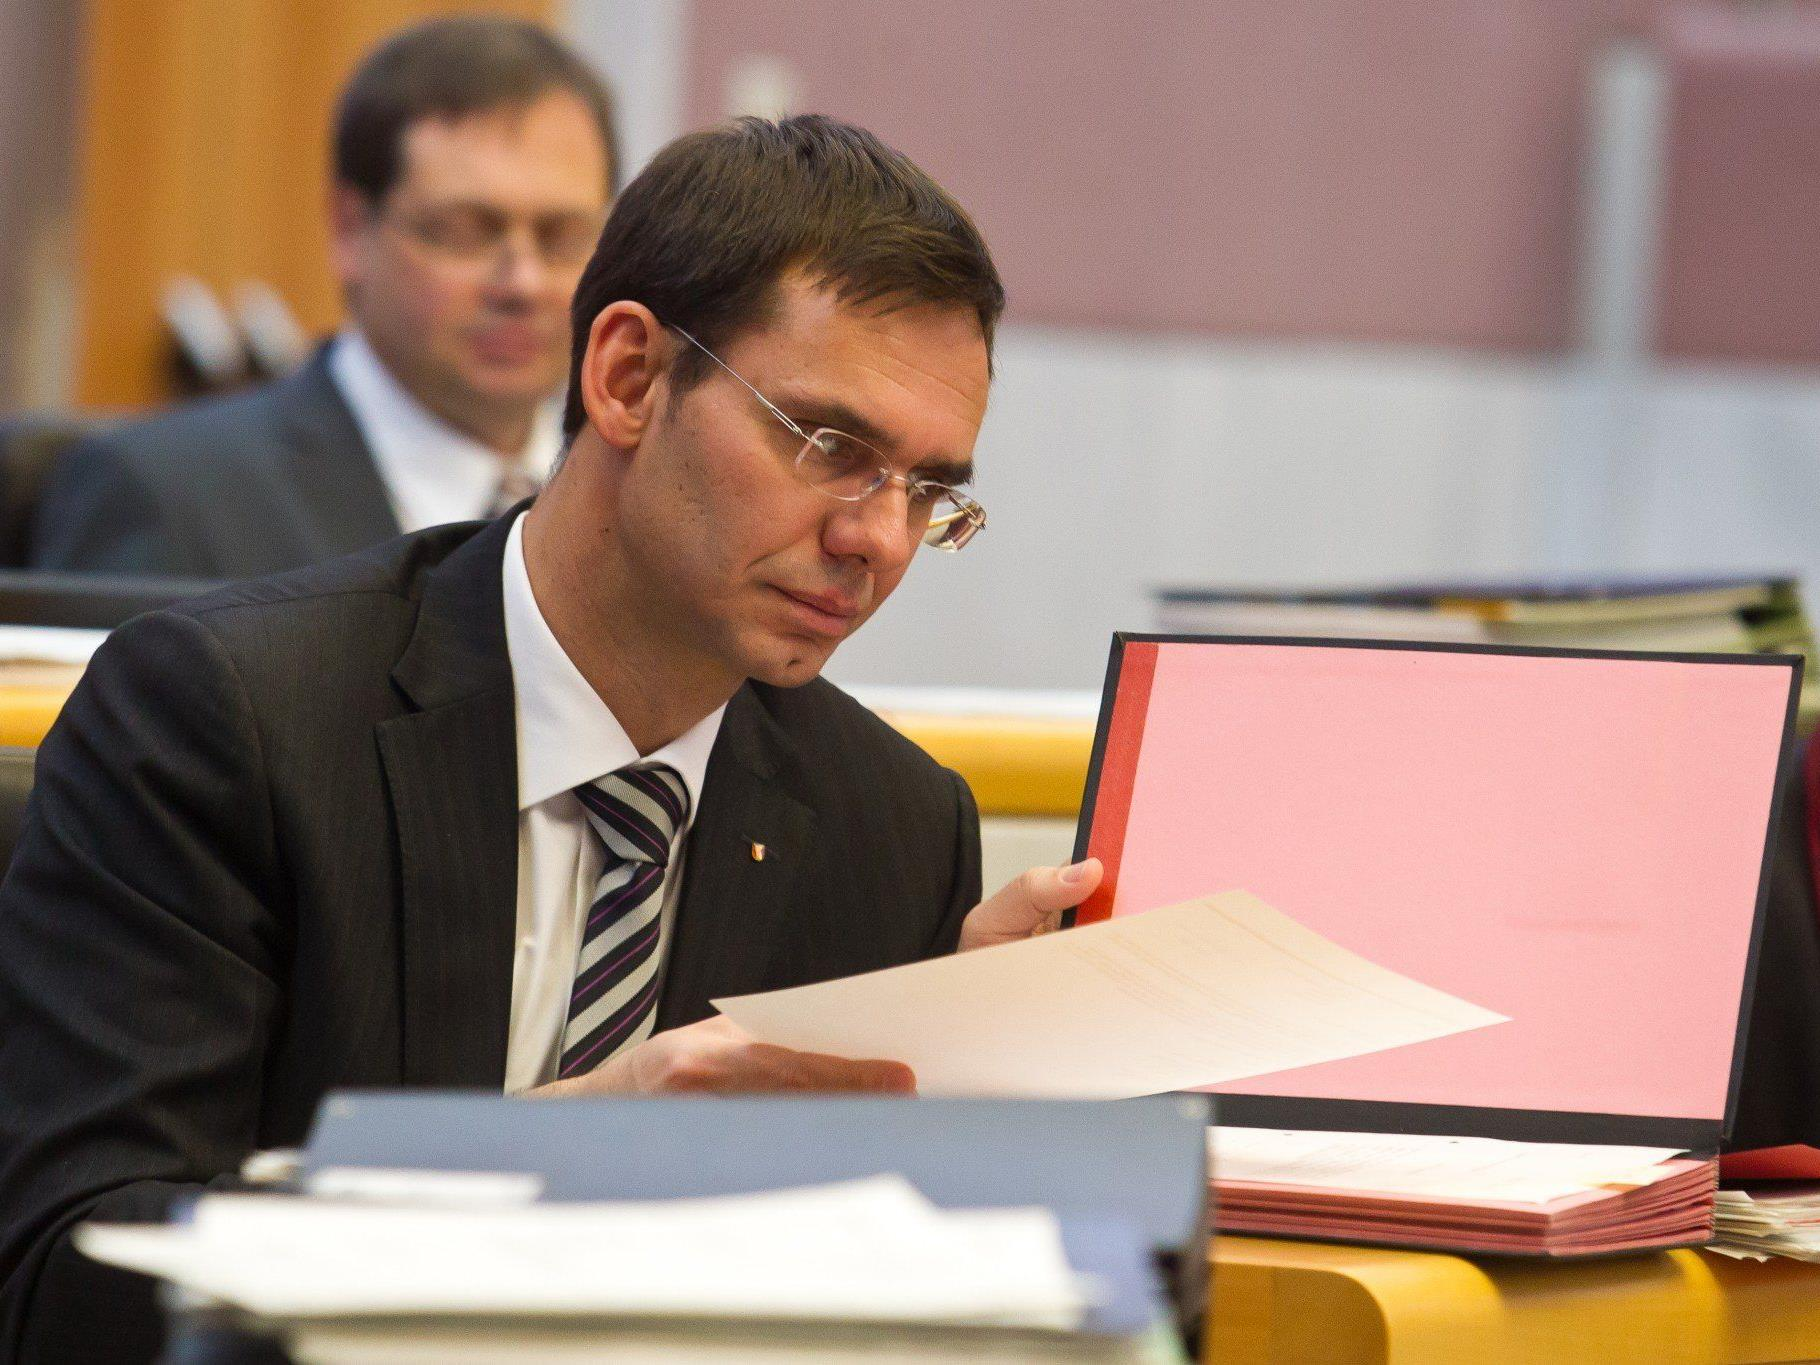 Vorarlberger Landeshauptmann will Kurs auch in Wahlzeiten fortgesetzt wissen.